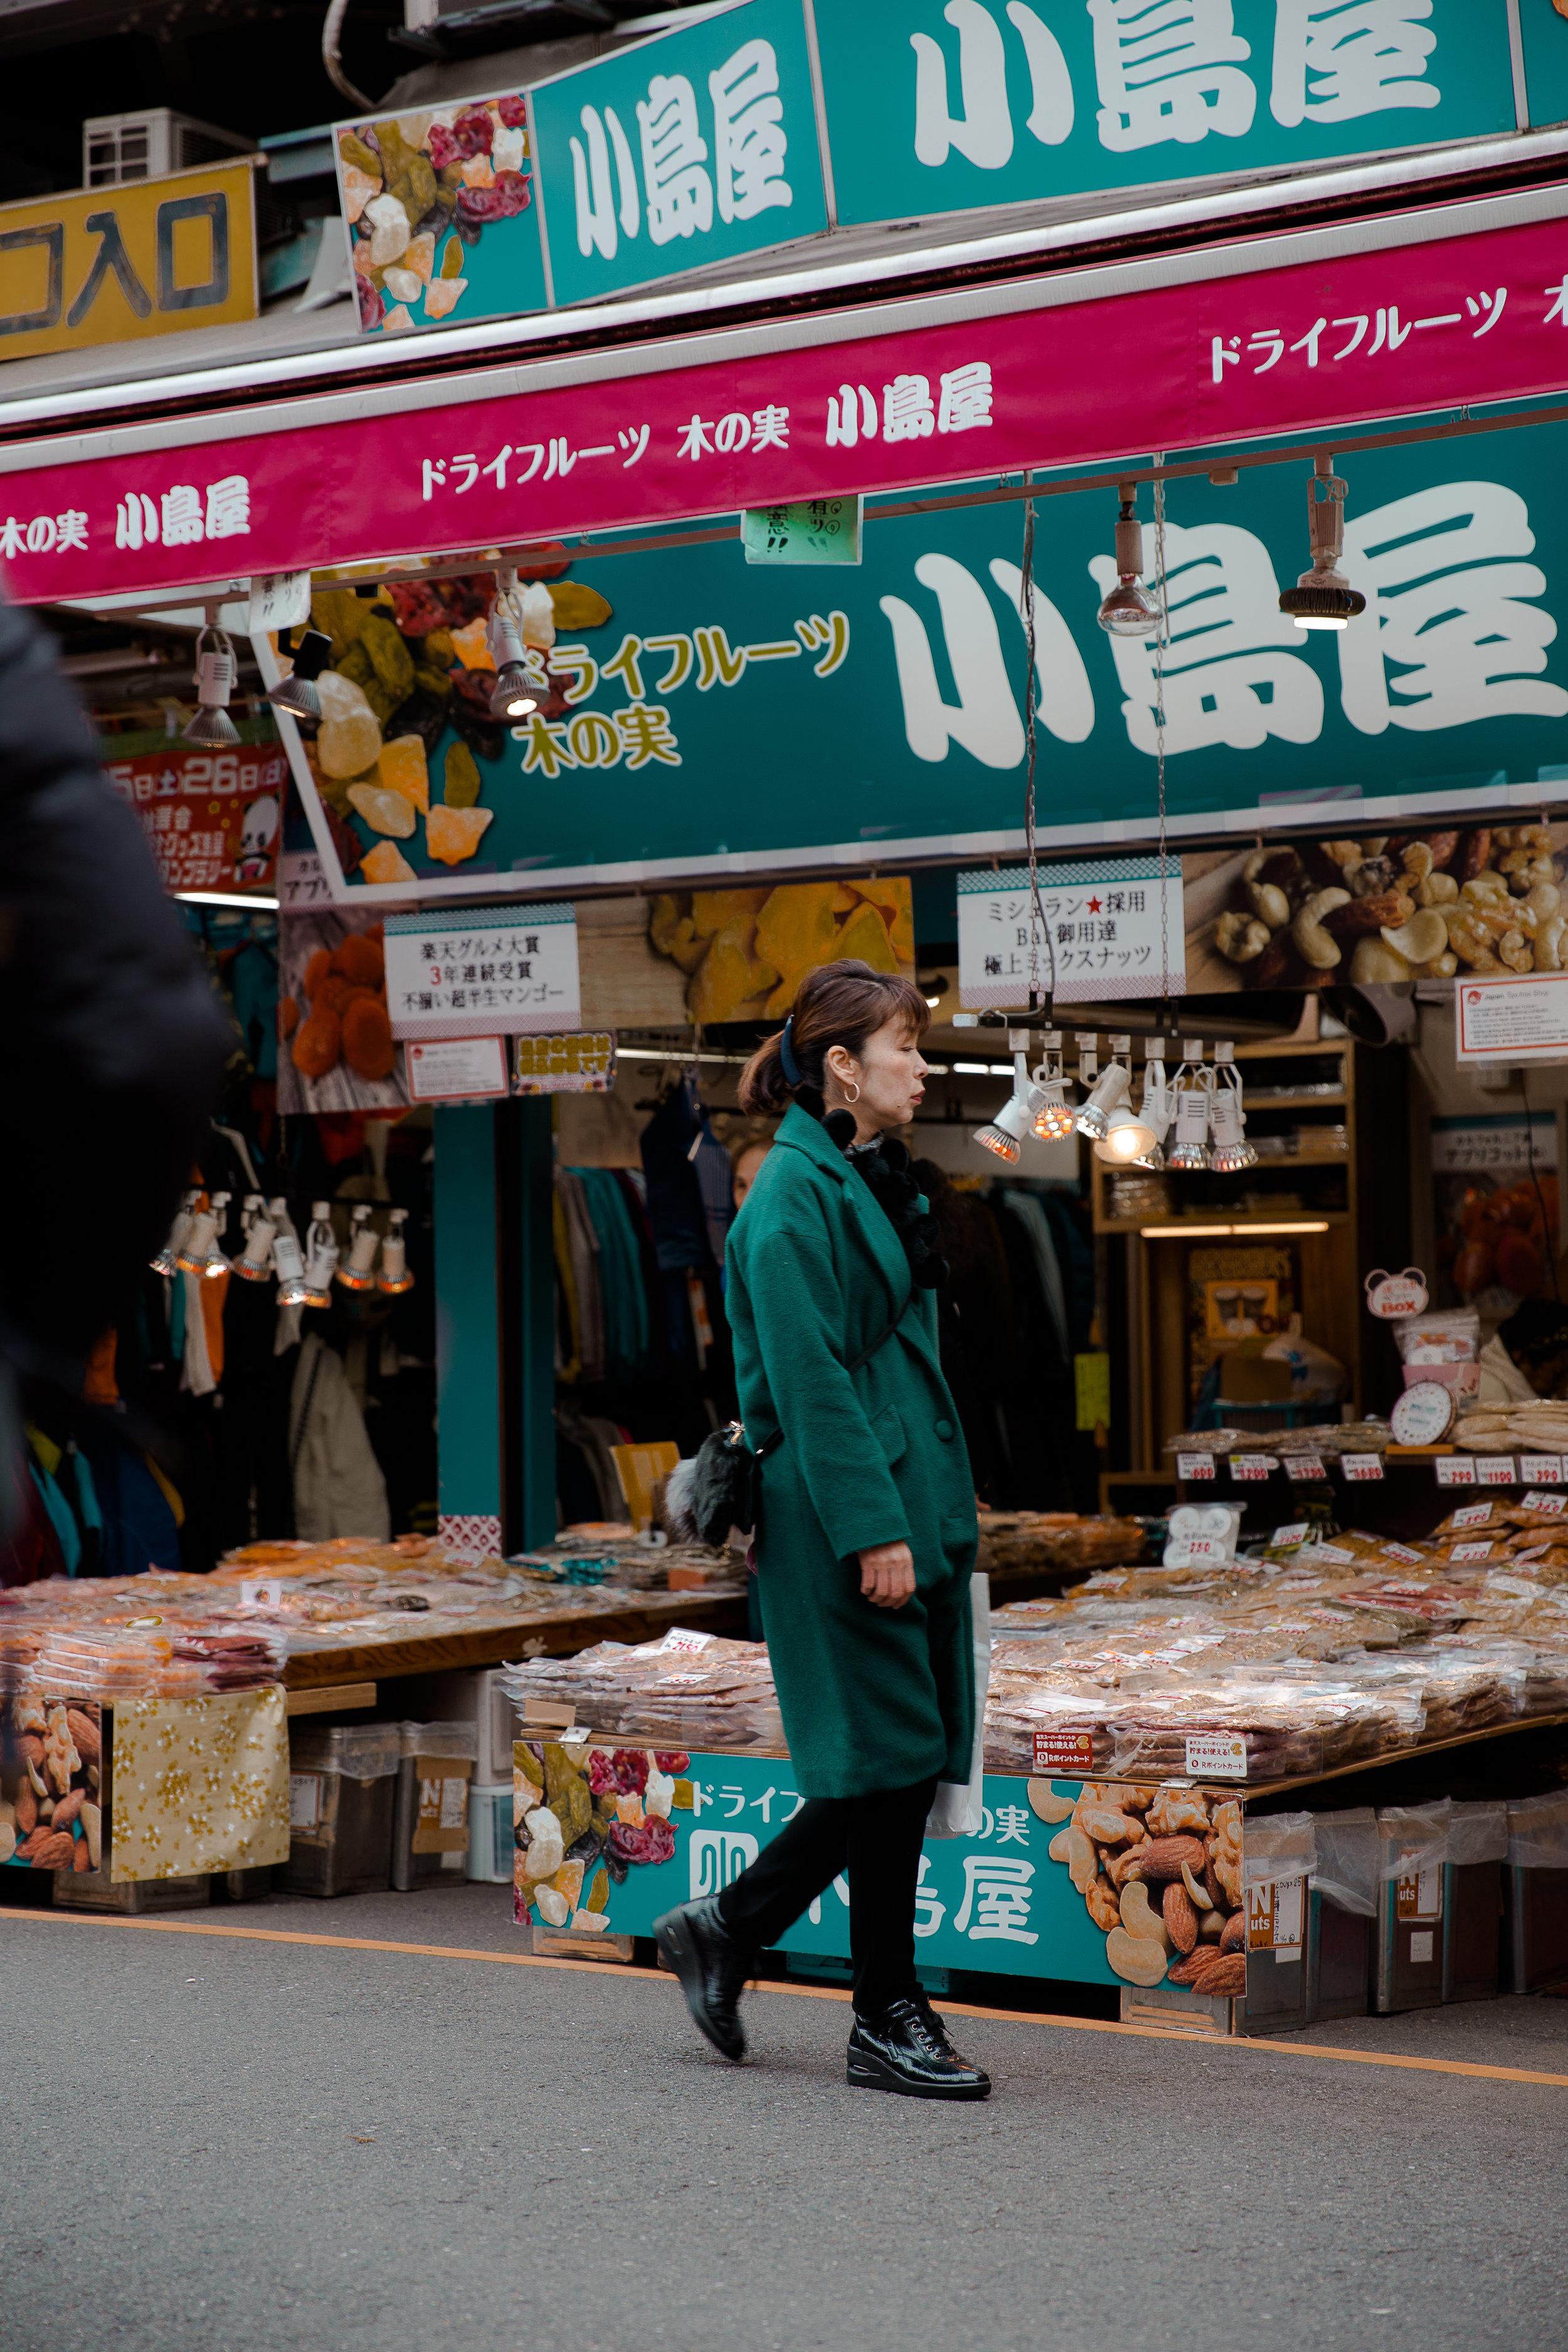 Lady in market. Tokyo, Japan